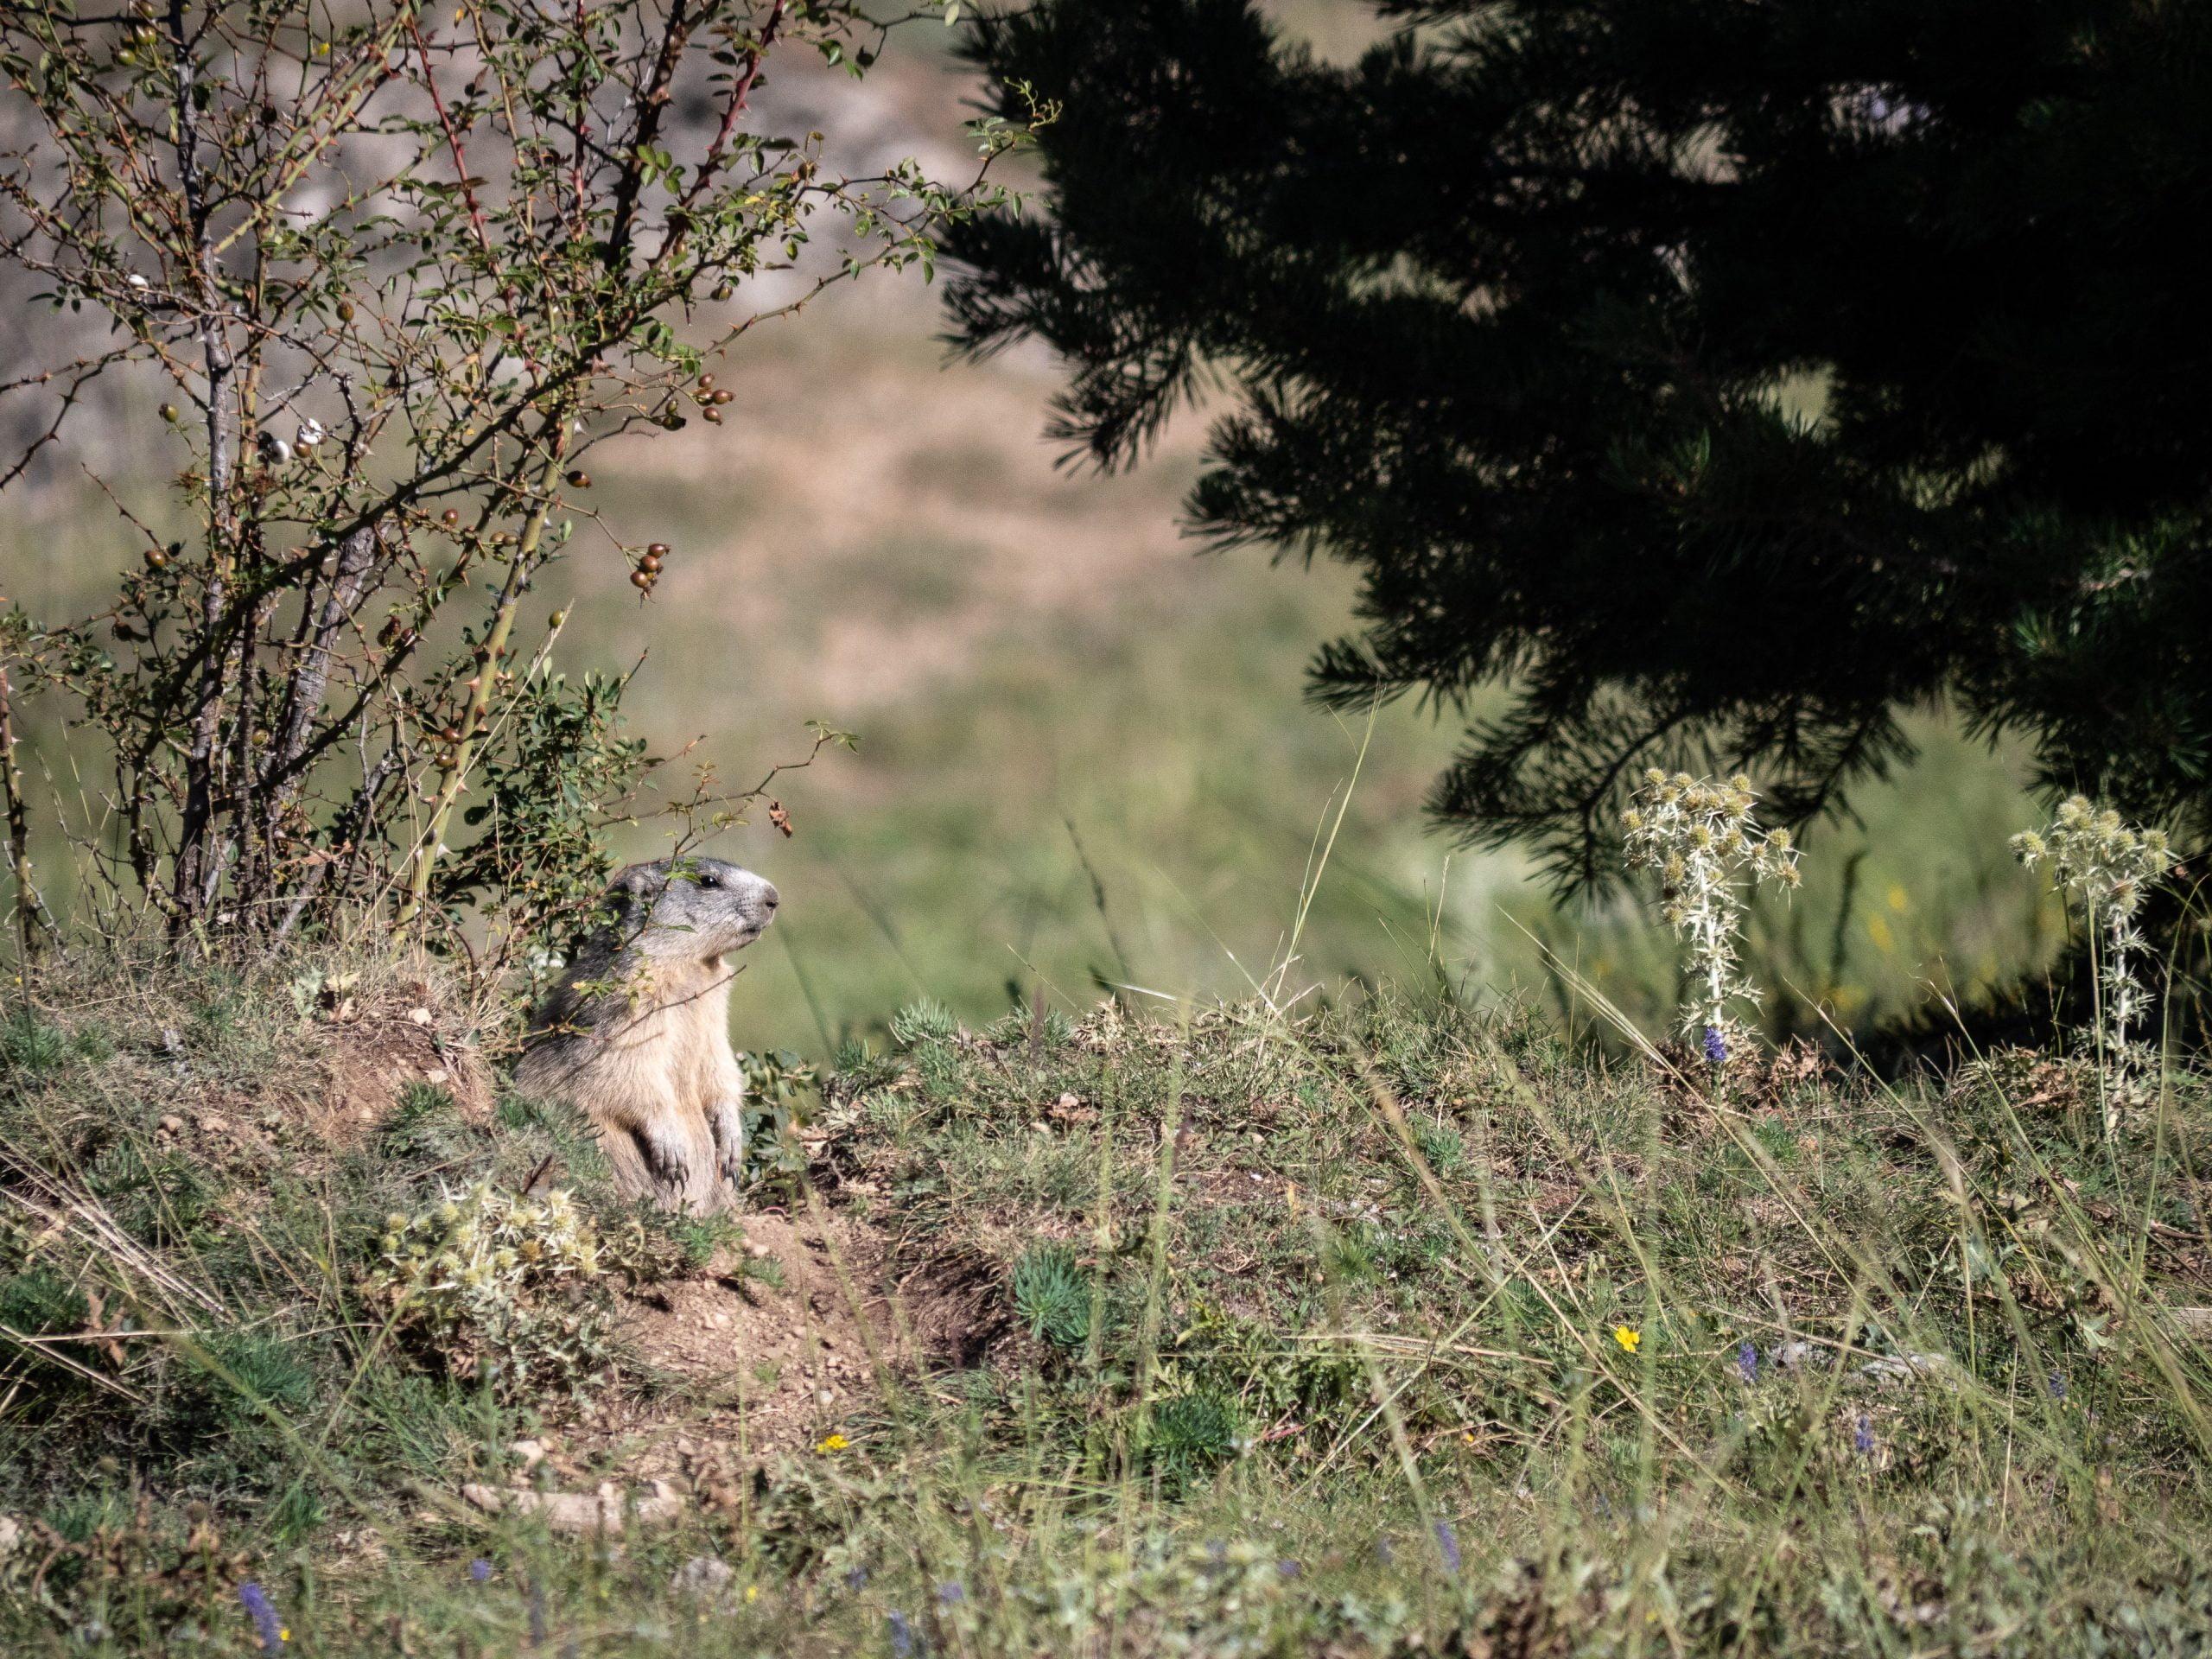 Le sentier des marmottes à Guillestre, randonnée pédagogique sur un drôle d'animal